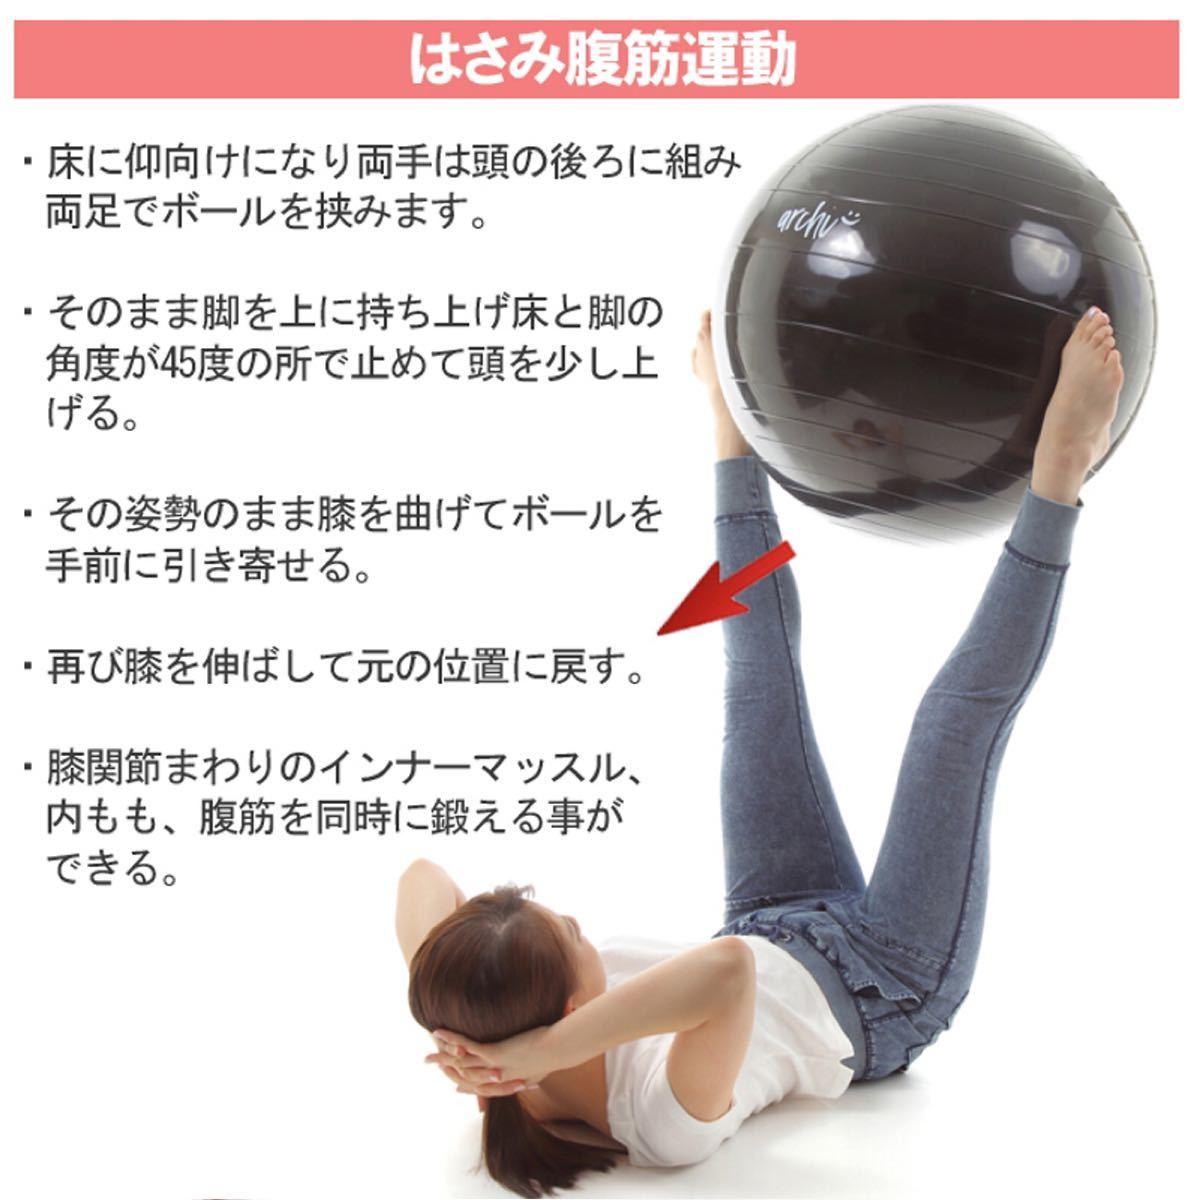 新品 バランスボール 65cm ヨガマット  10mm厚 トレーニング 体幹